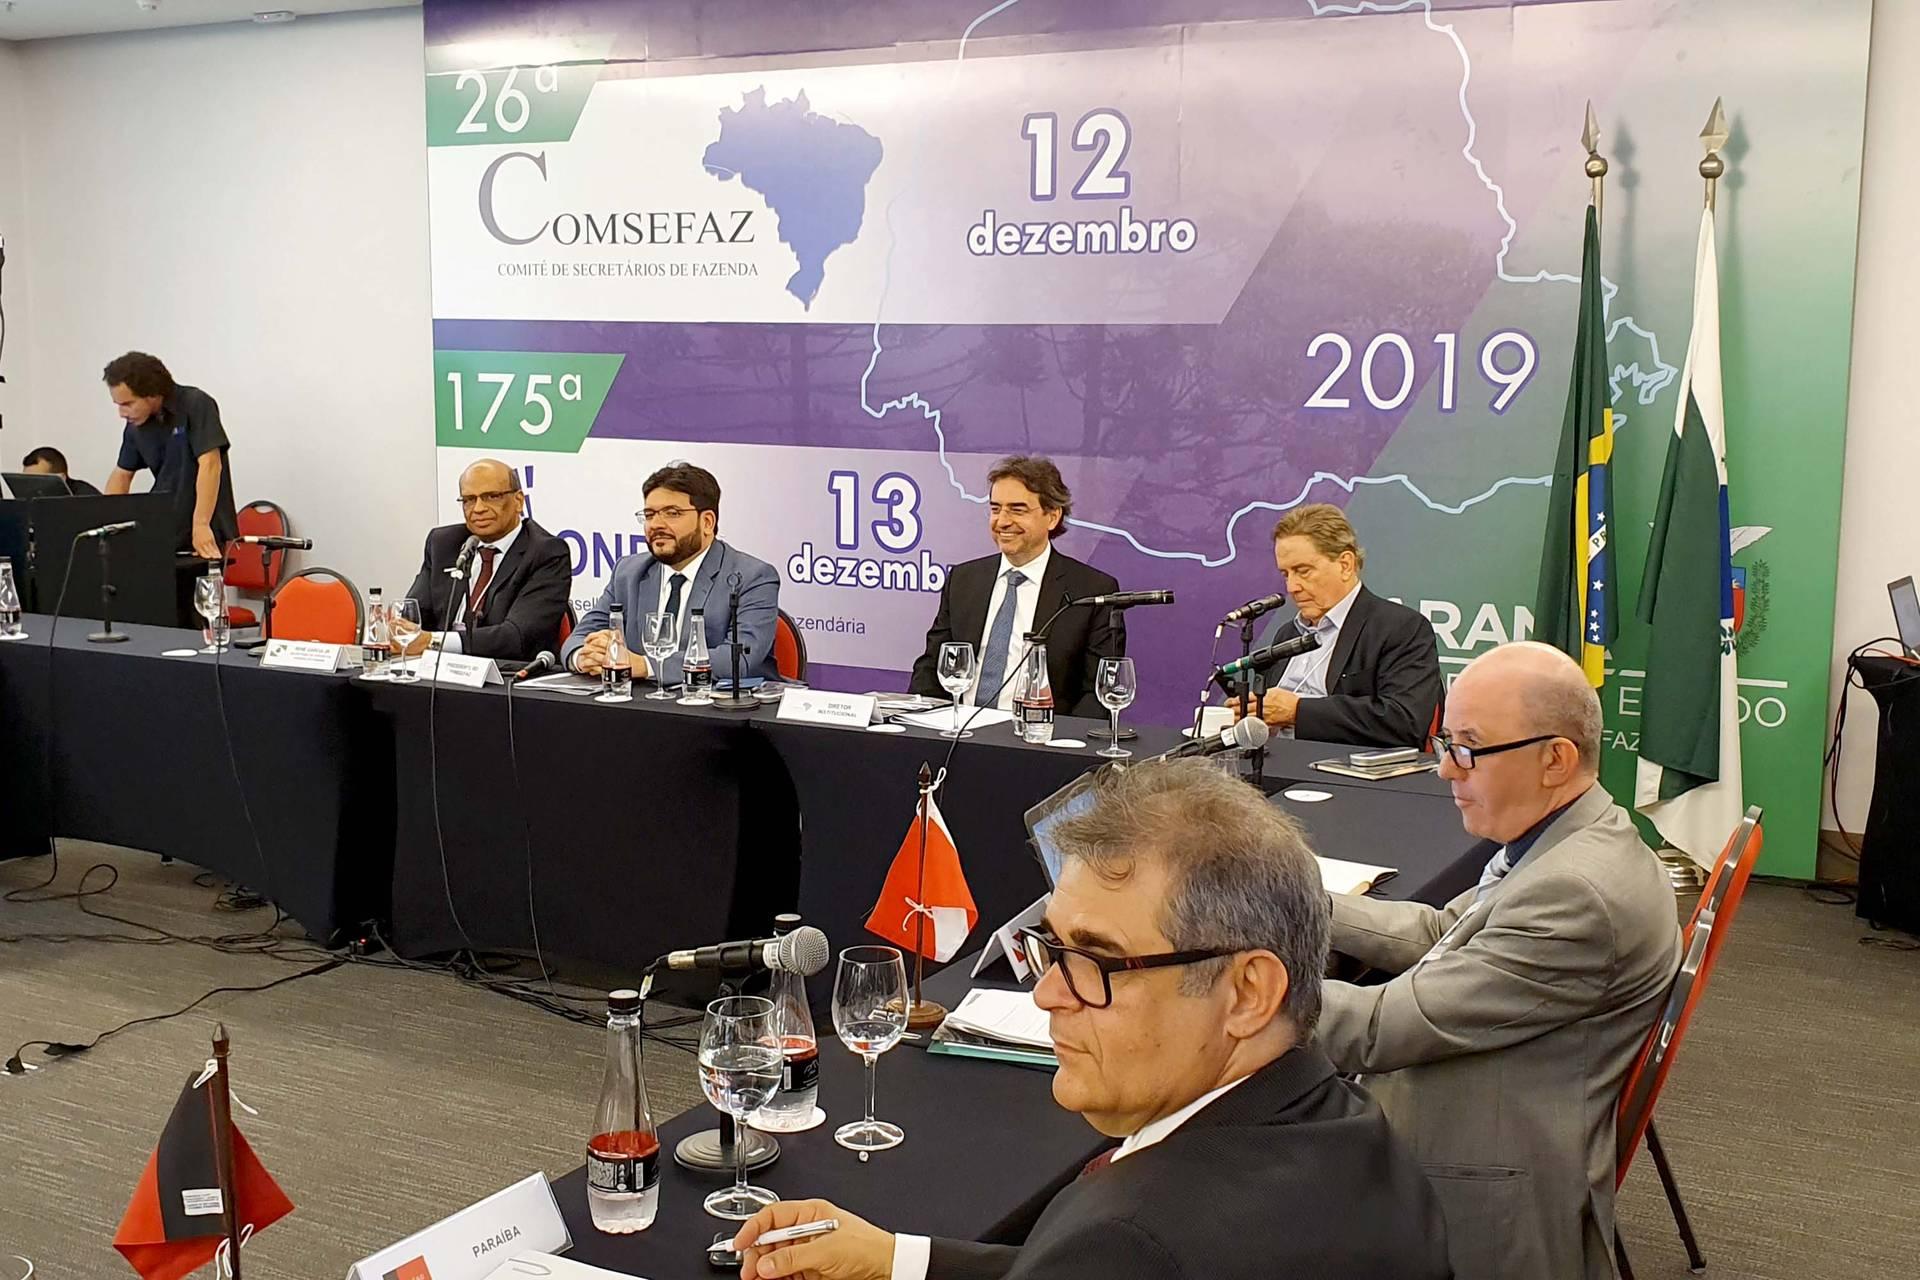 Essa foi a decisão tomada por secretários da Fazenda em reunião, em Curitiba. Perdas podem estar contidas em três Propostas de Emendas Constitucionais que estão em discussão naquela casa.